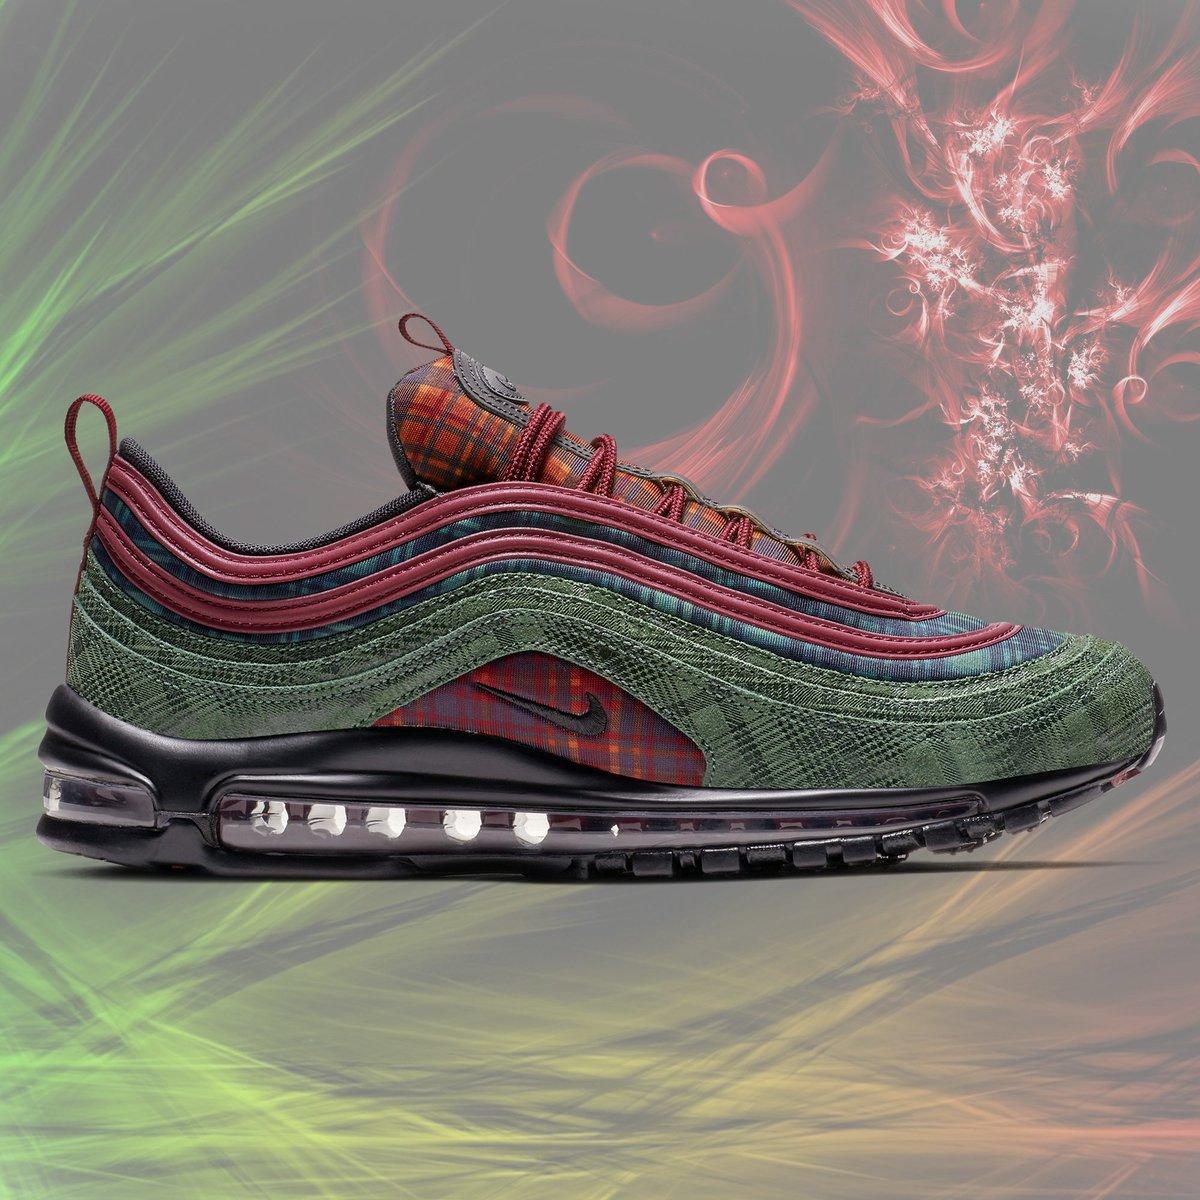 f59c6a769c1 GB S Sneaker Shop on Twitter